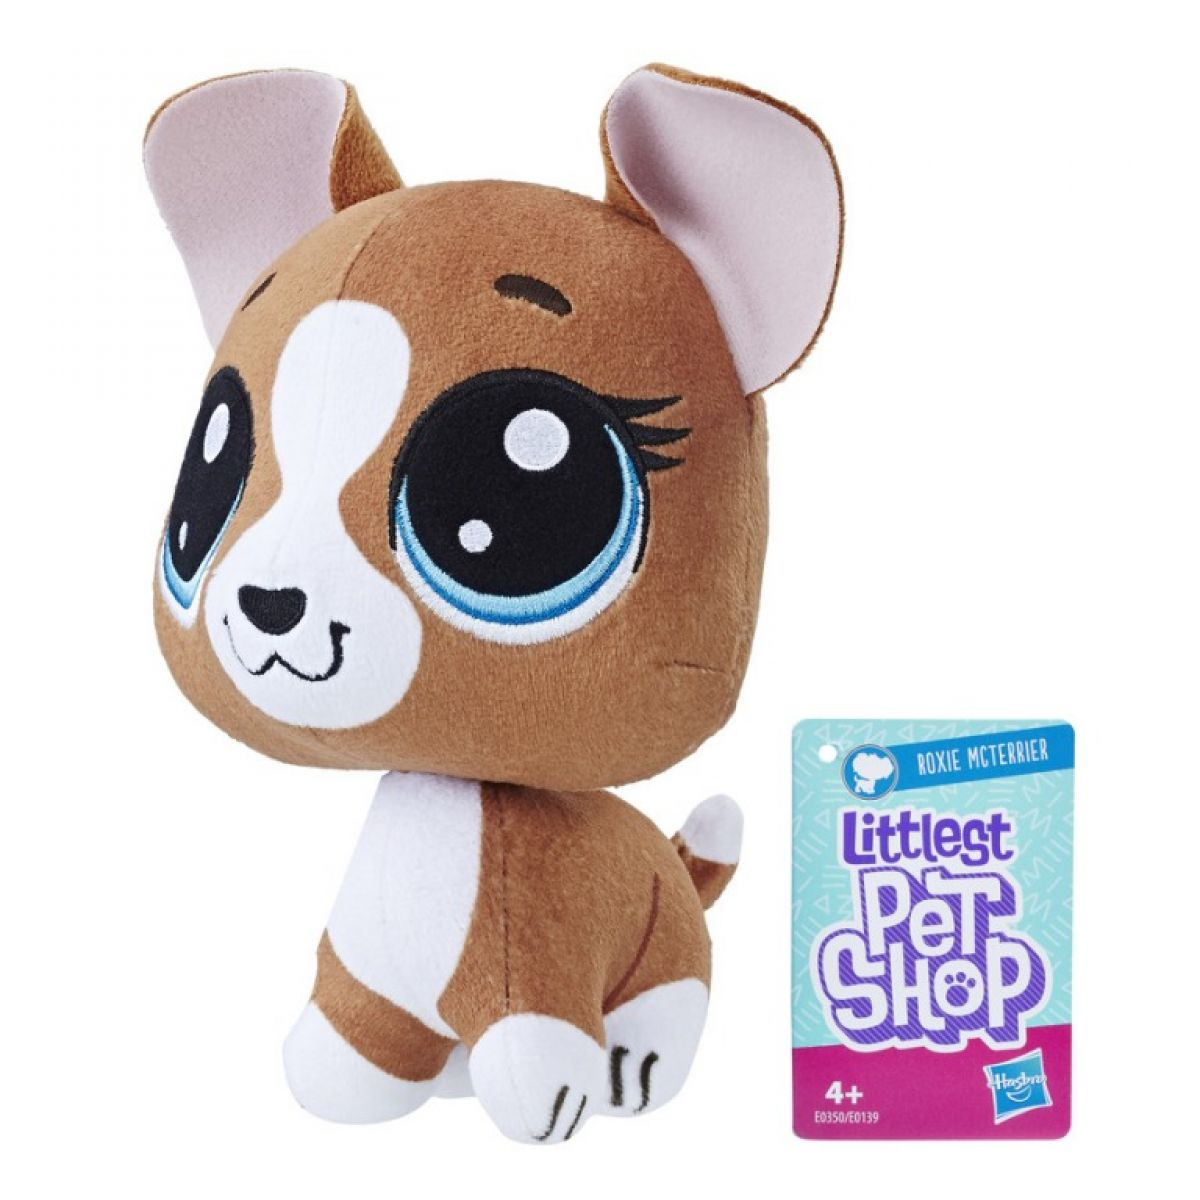 Hasbro Littlest Pet Shop Plyšák s pohyblivou hlavou Roxie Mcterrier